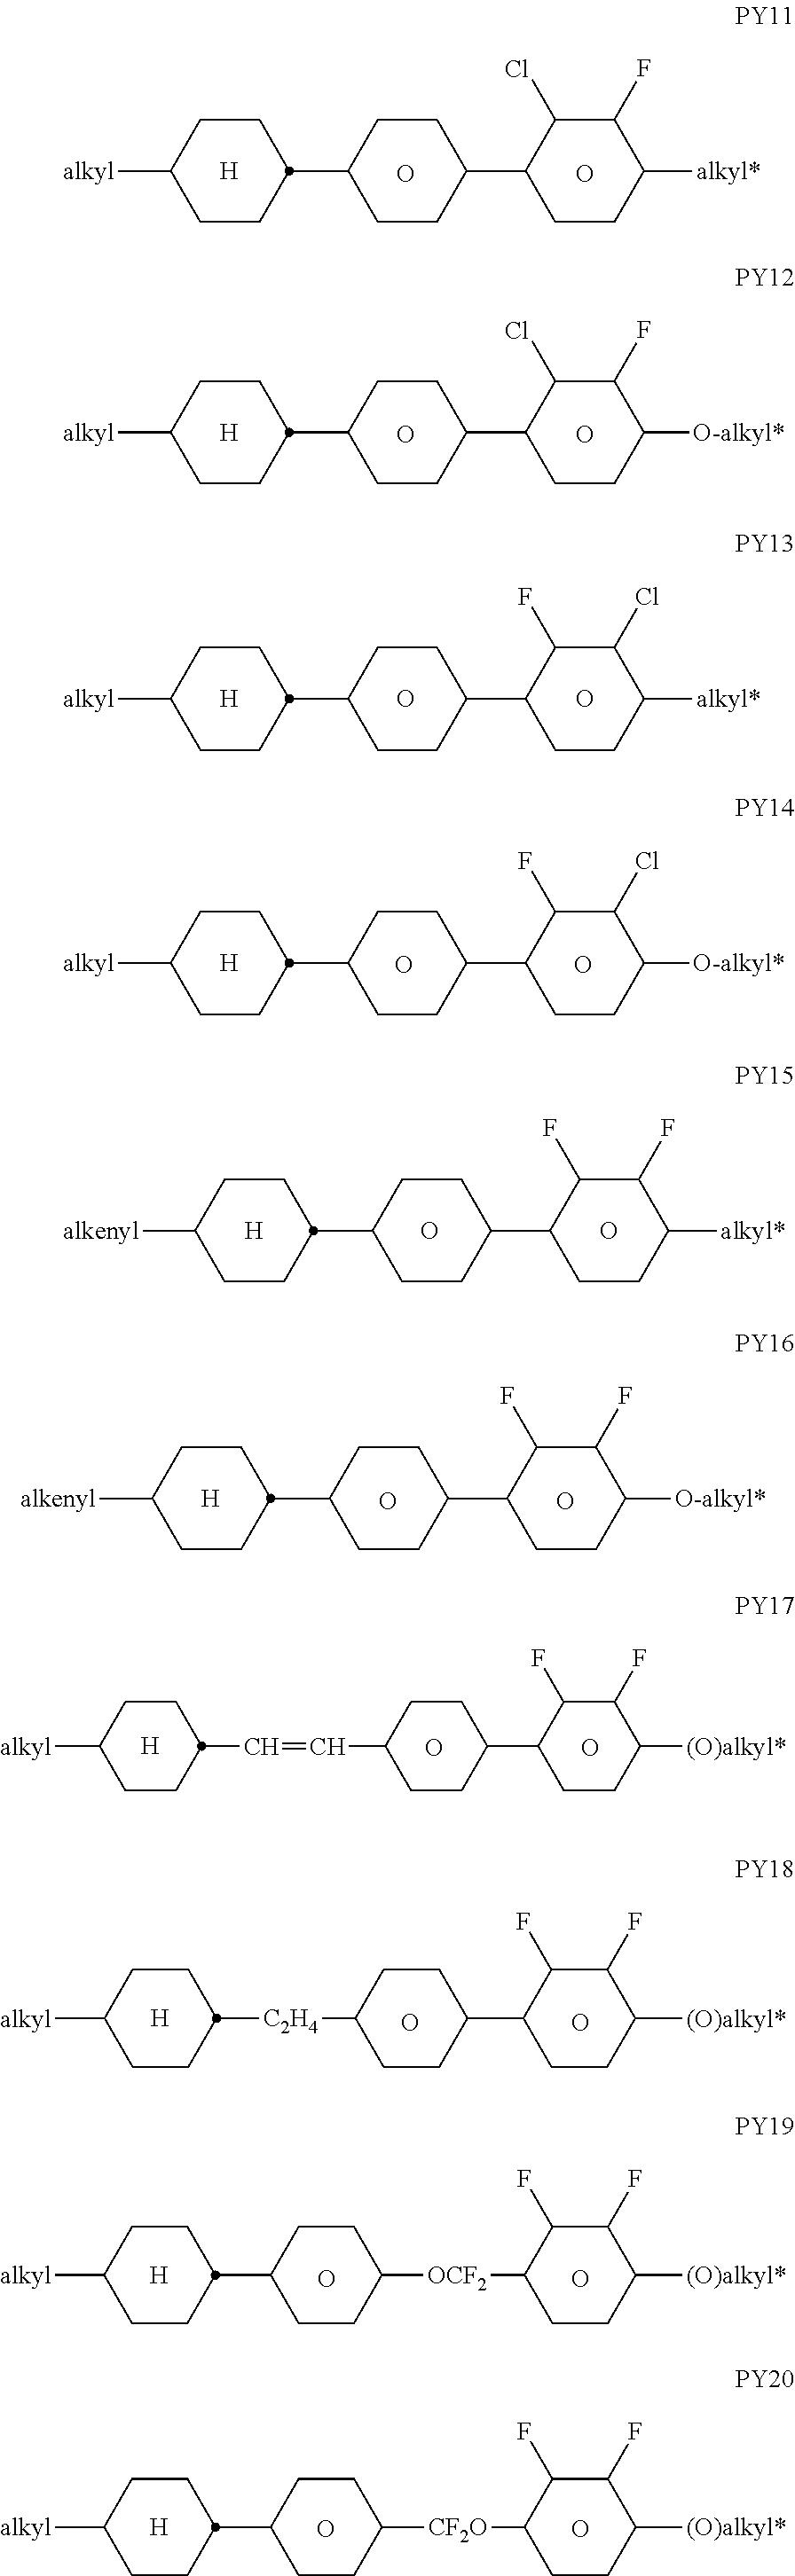 Figure US20110051049A1-20110303-C00016